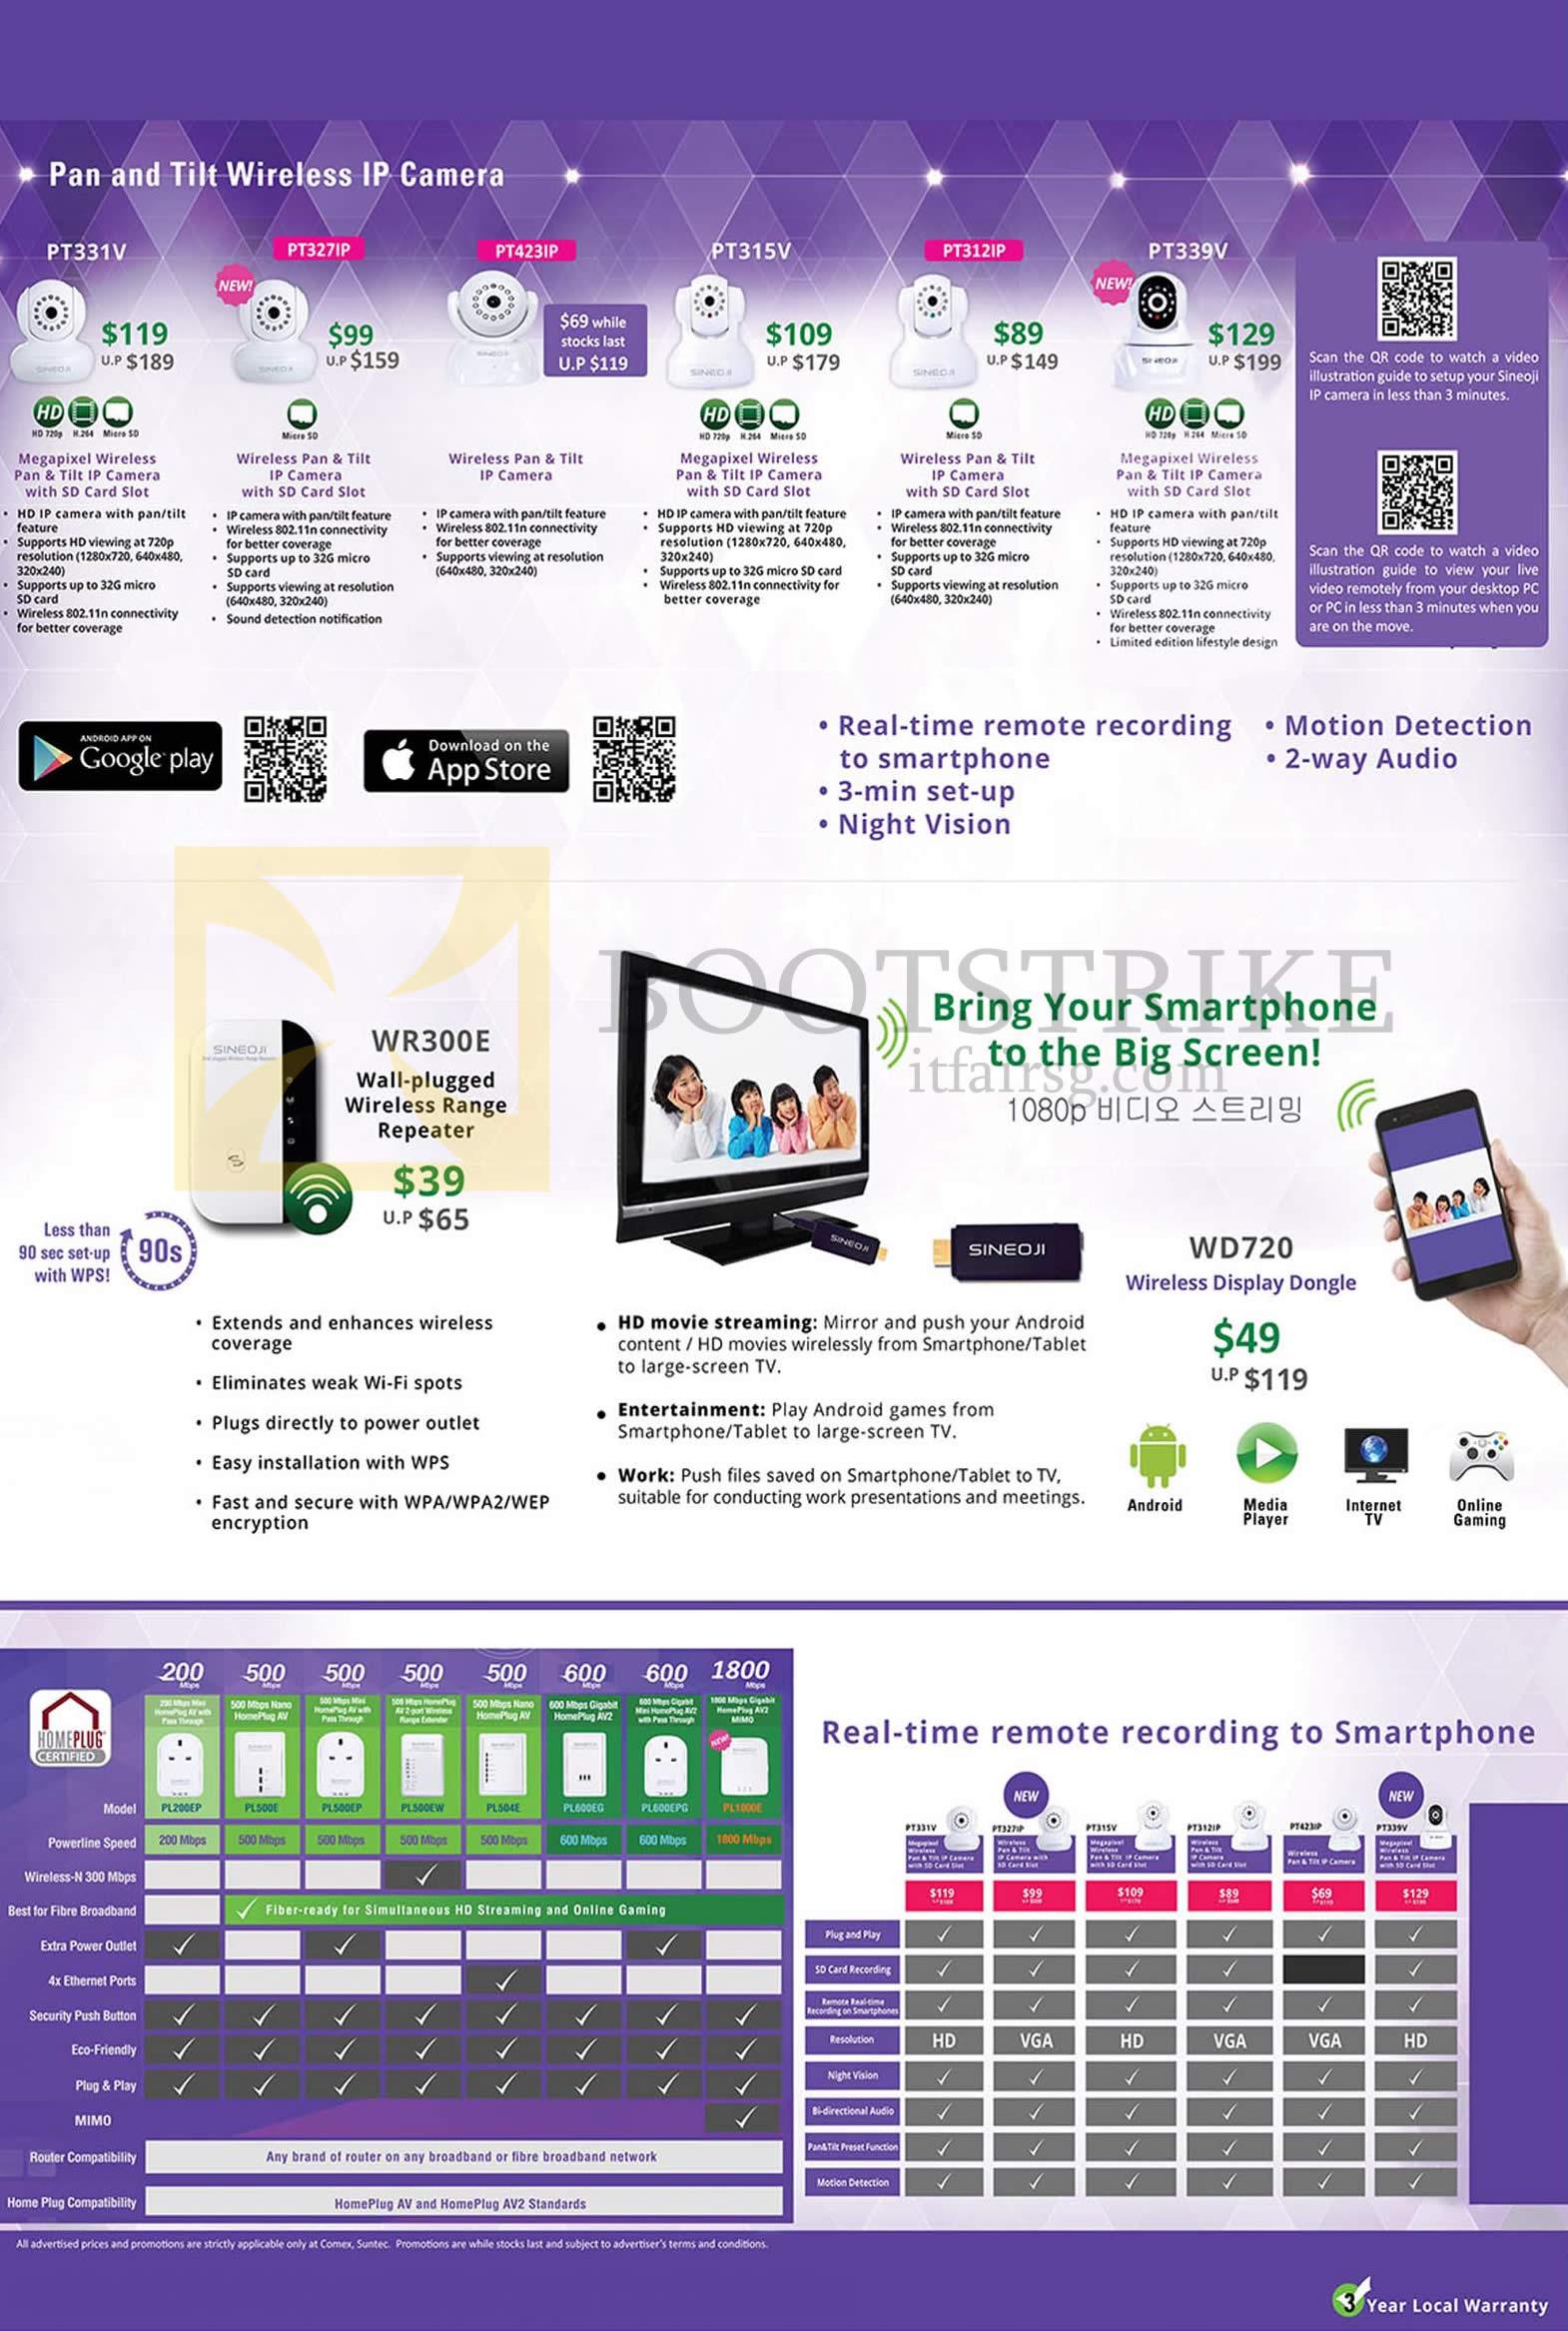 COMEX 2014 price list image brochure of Sineoji IPCams, Homeplugs, WR300E Range Extender, PT331V PT327IP PT423IP PT315V PT312IP PT339V